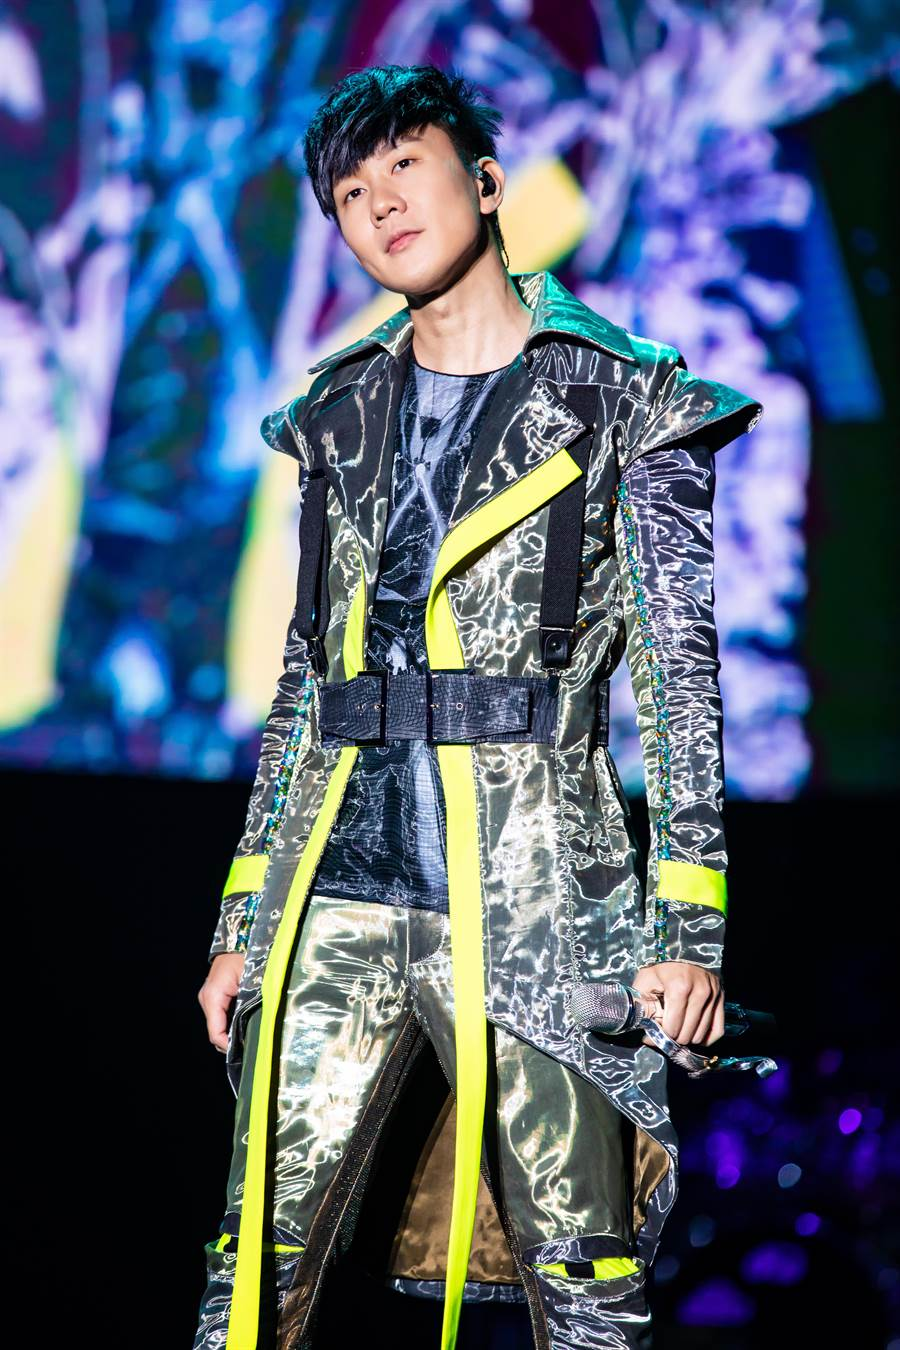 林俊傑全新戶外巡演昨從杭州起跑。(JFJ Productions提供)